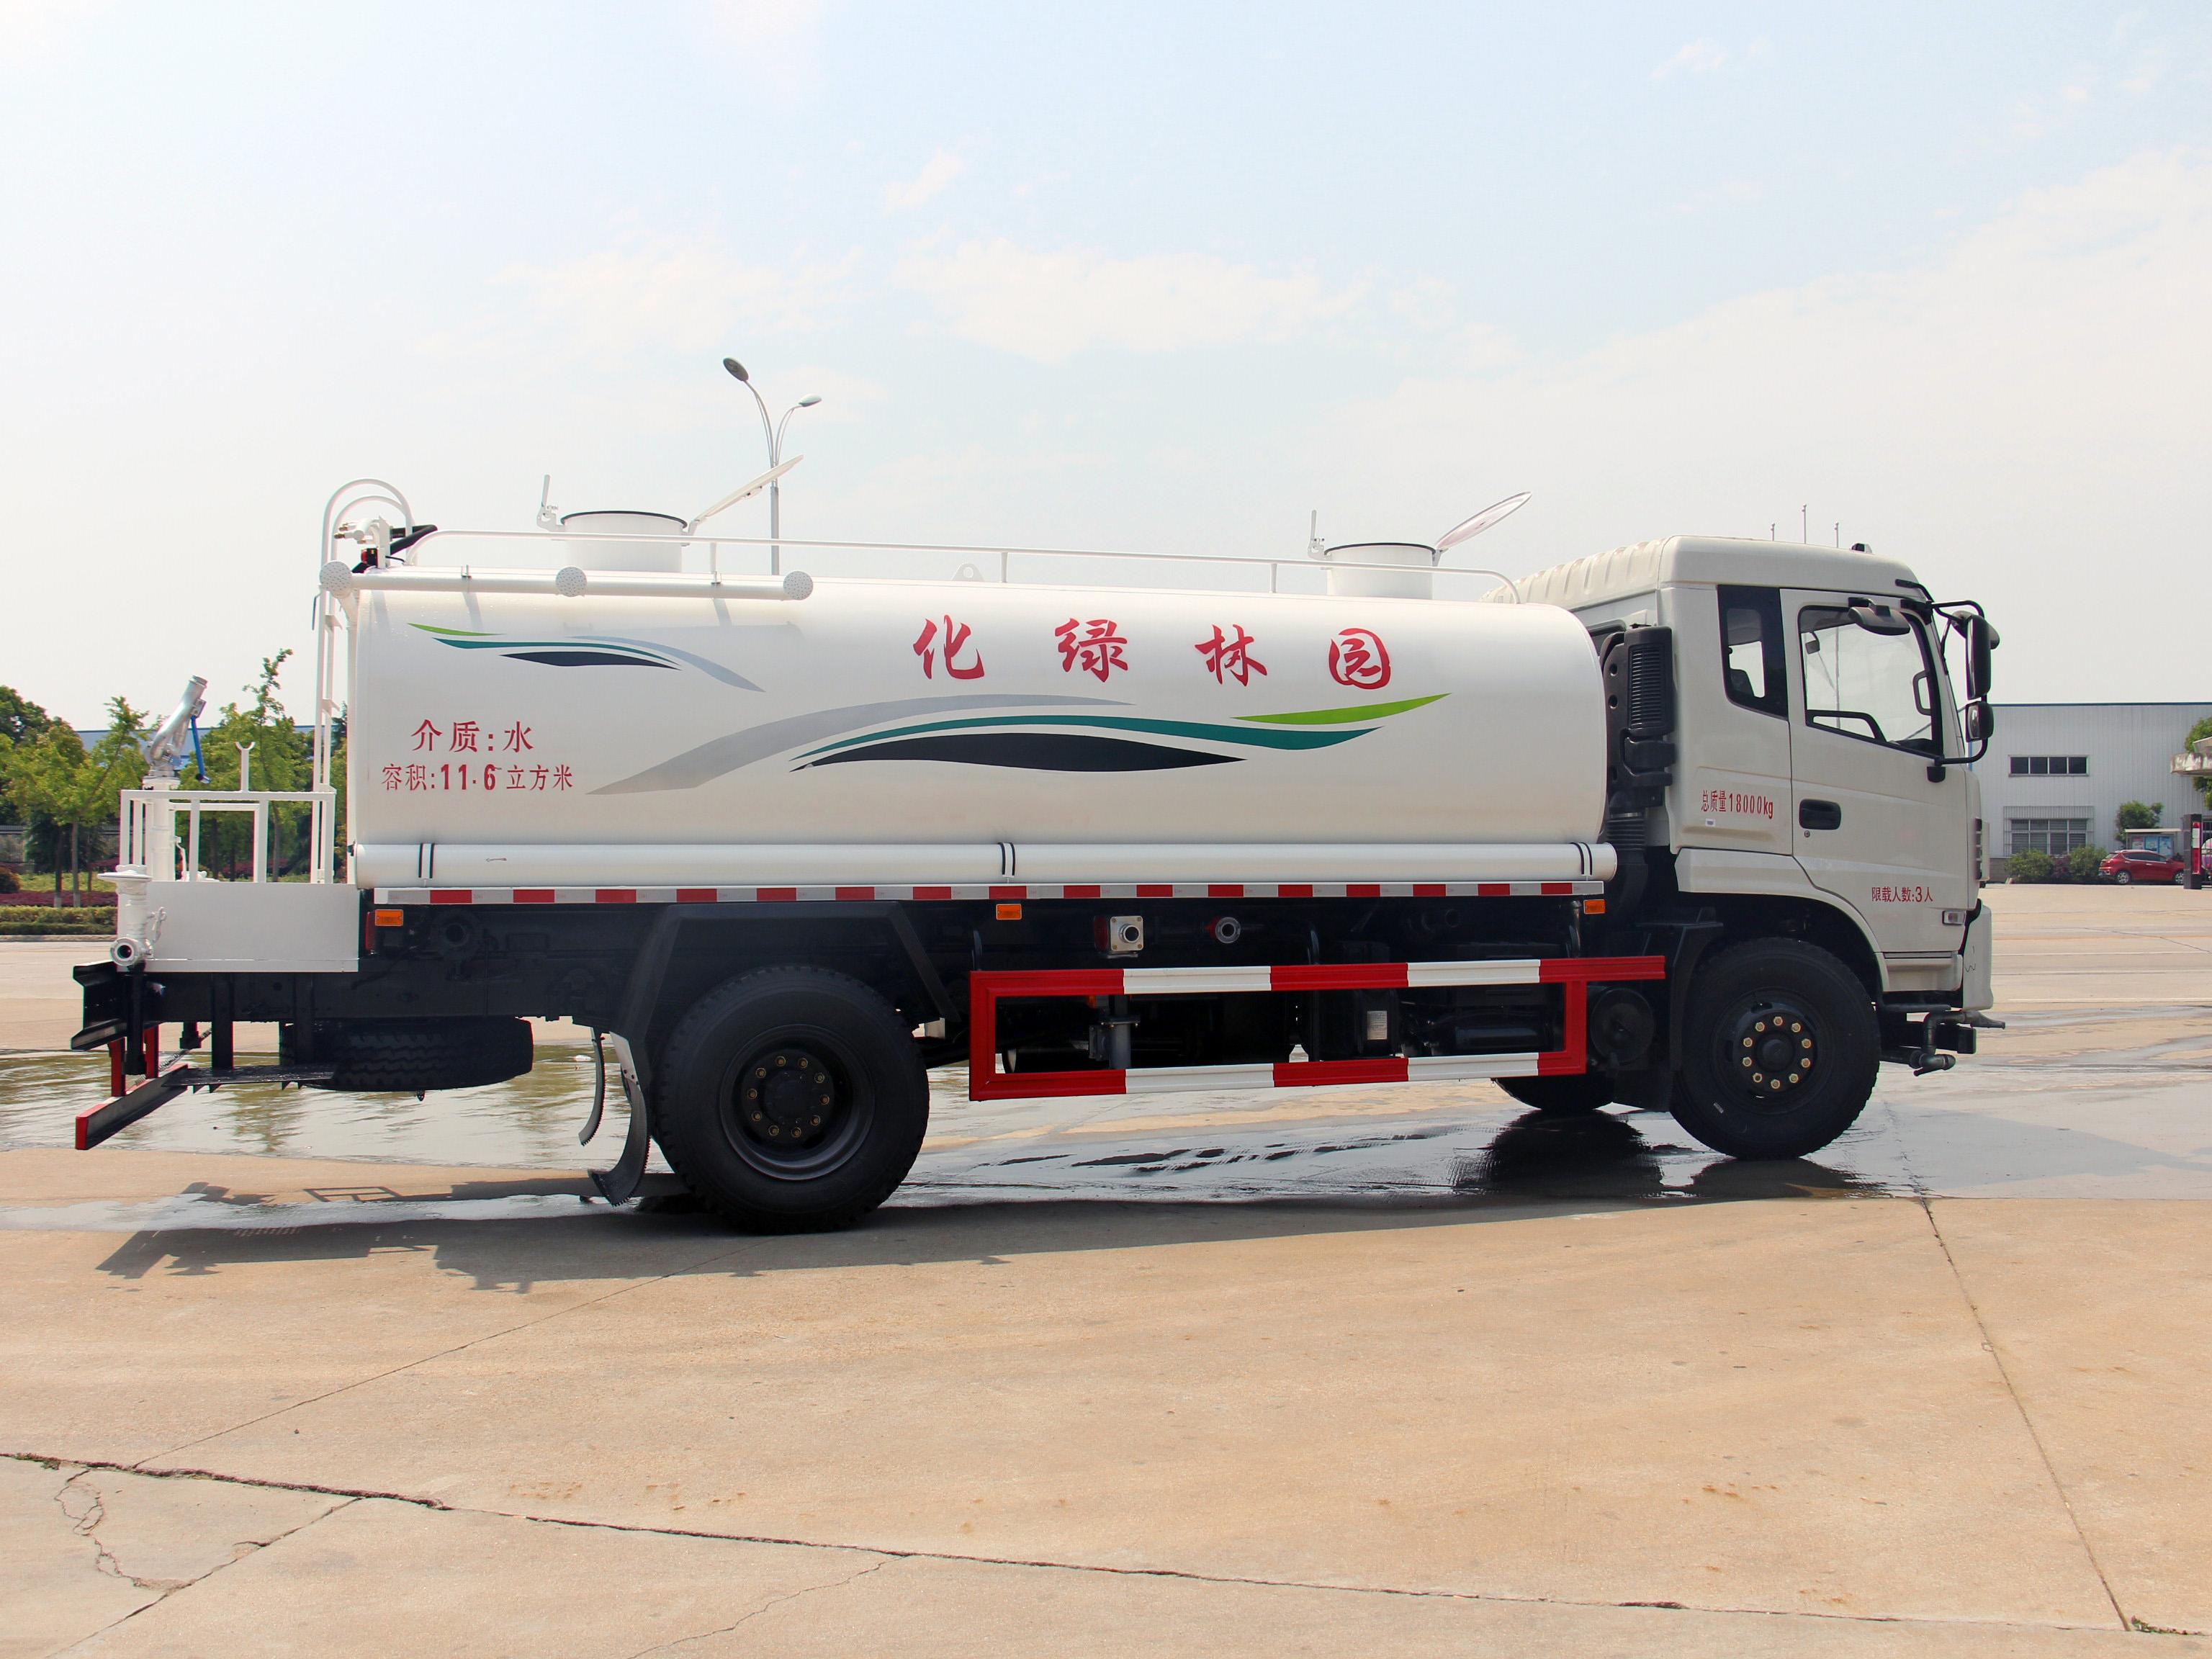 云南昆明东风专底洒水车 12吨洒水车厂家在哪里价格多少?